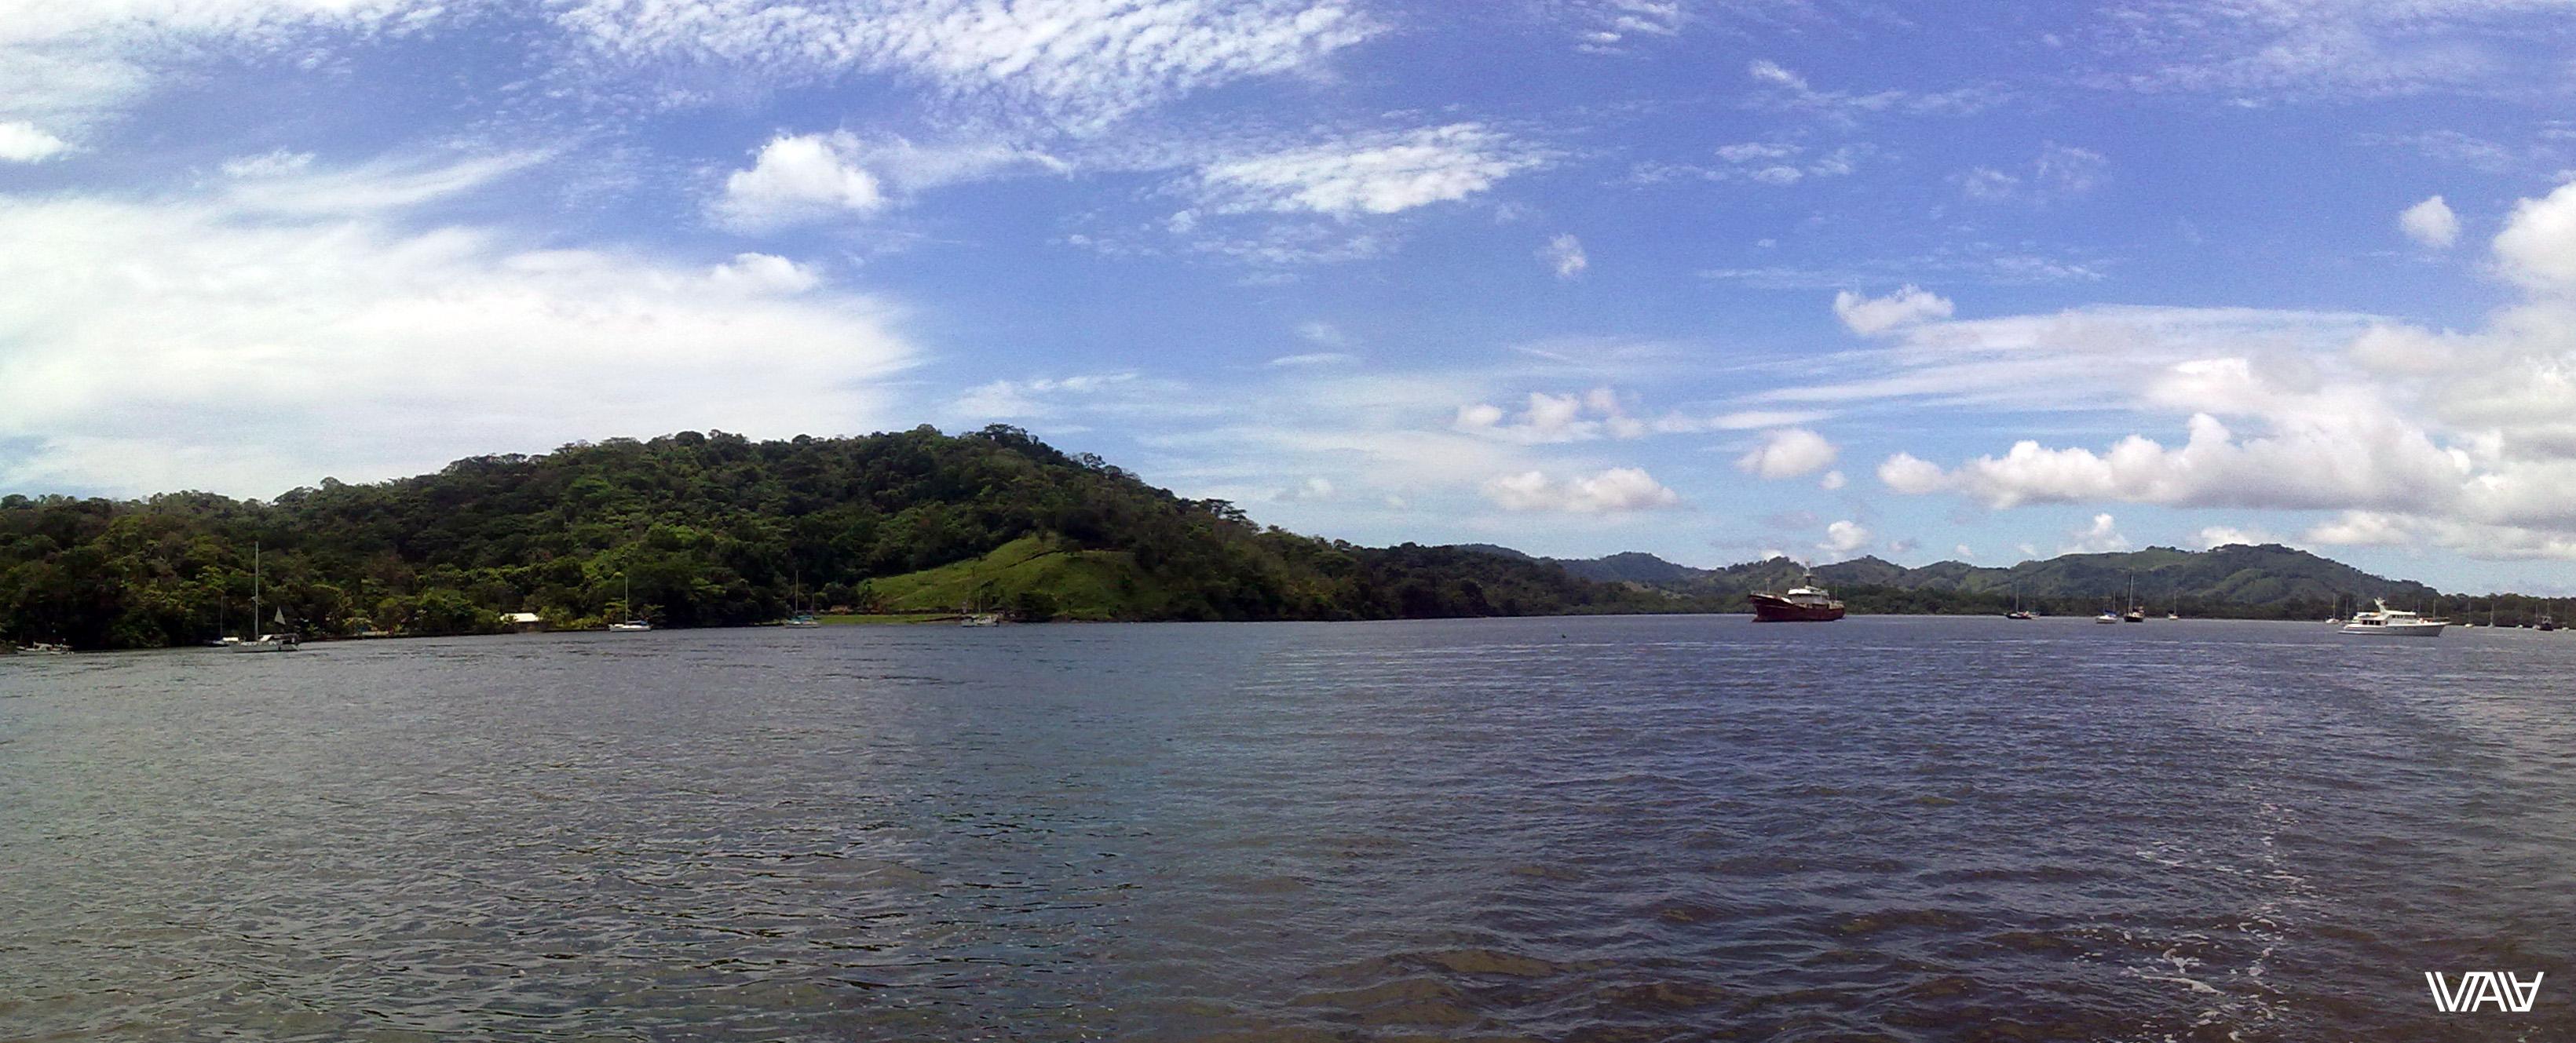 В бухте есть и маленькие, и огромные яхты. Портобело, Панама